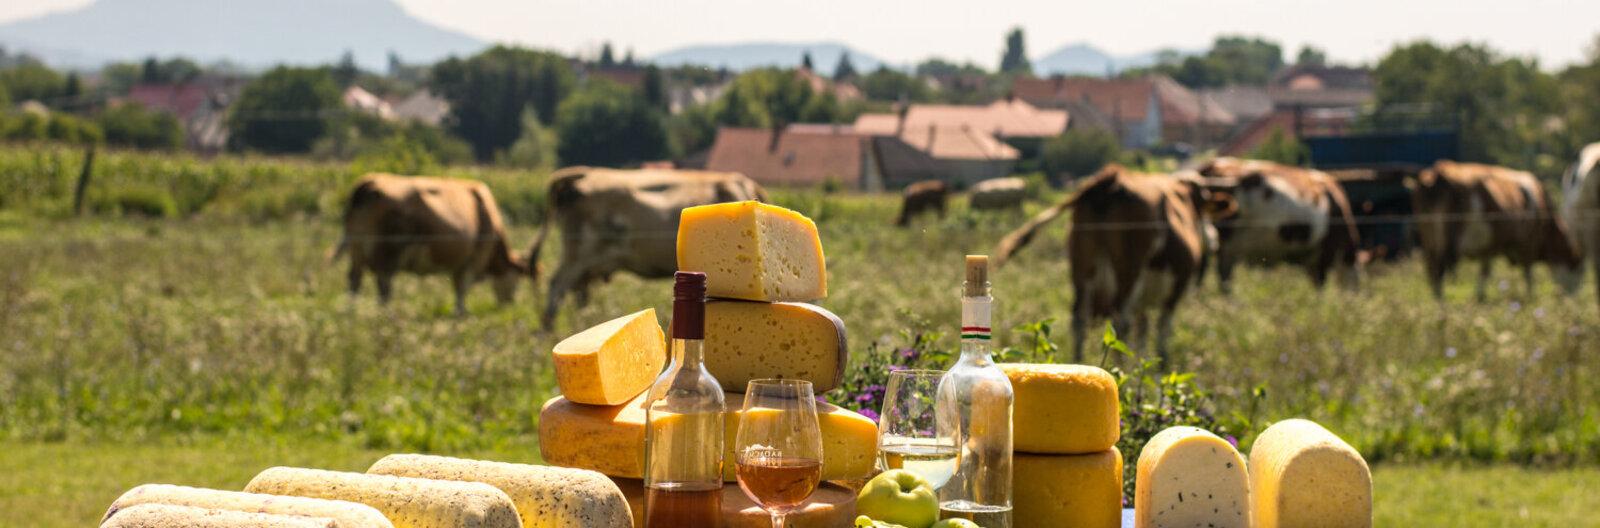 Sajtból van a Balaton! - 12 sajtműhely az északi partról